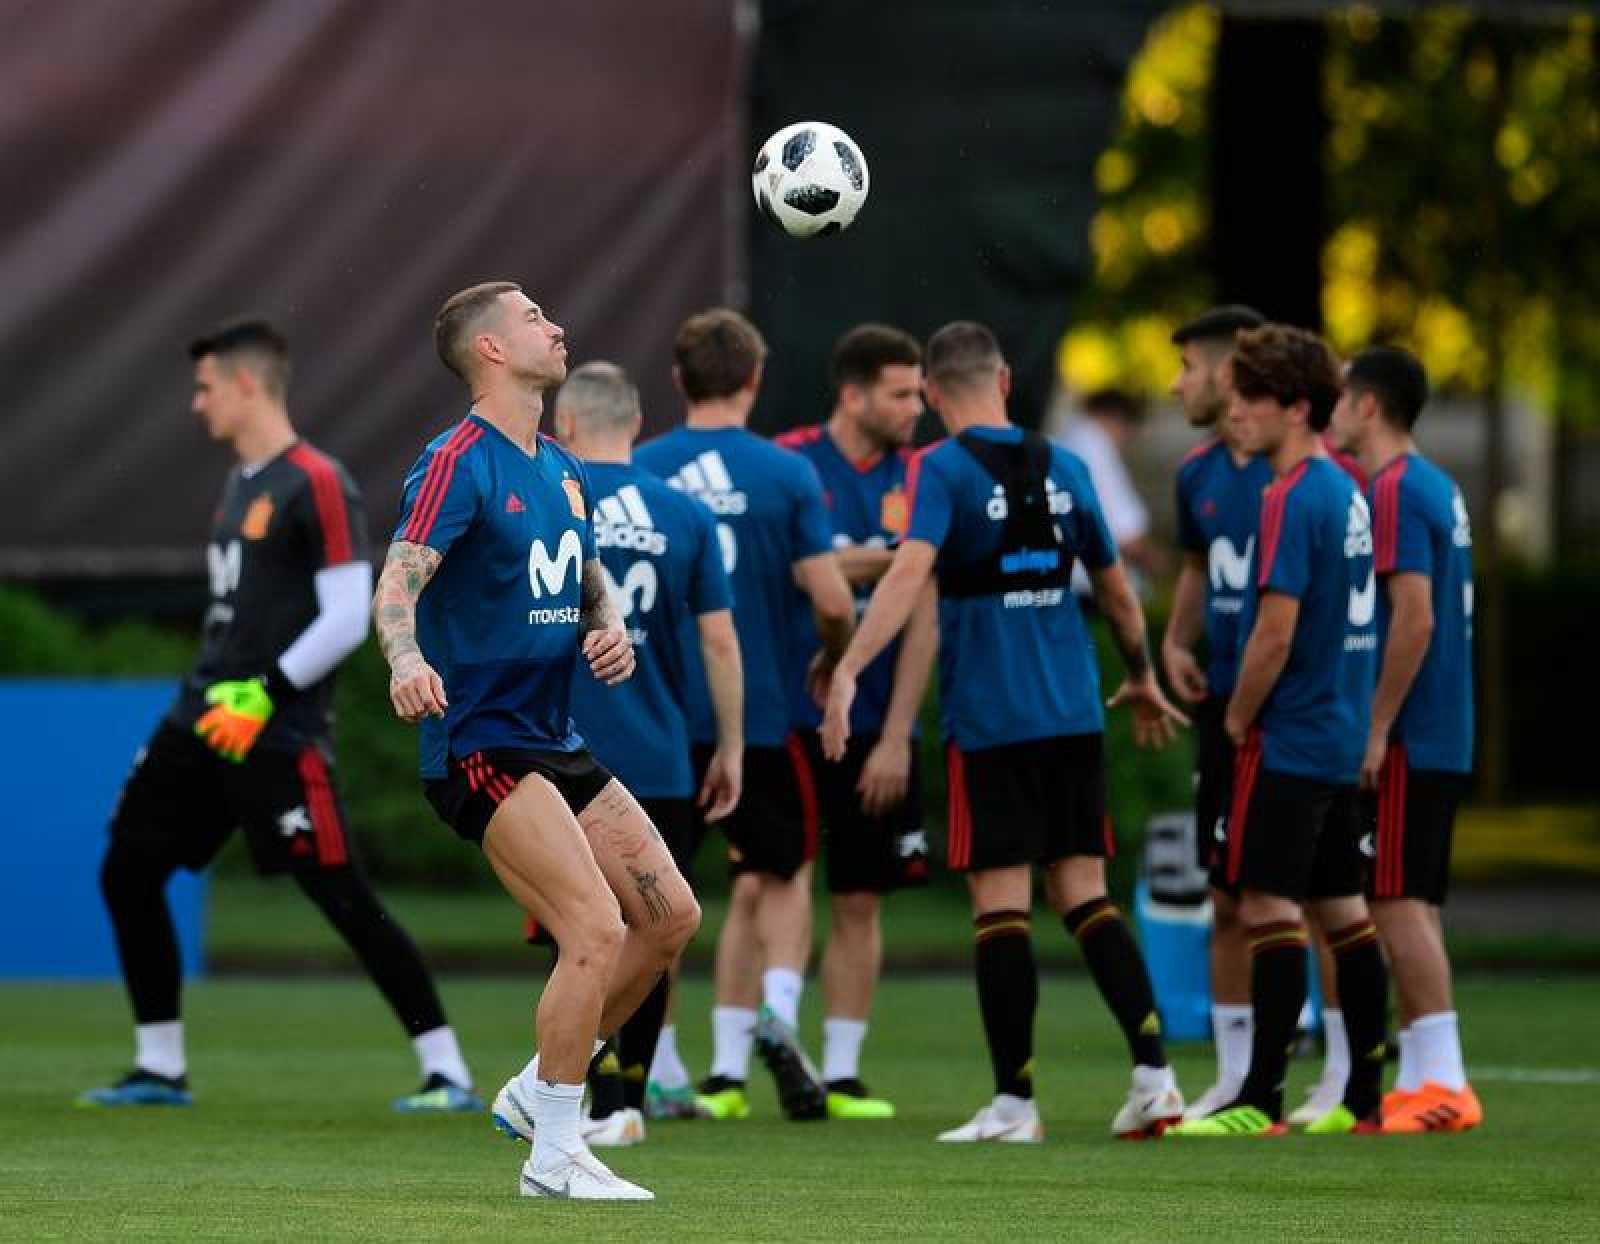 La selección española durante el entrenamiento del equipo.